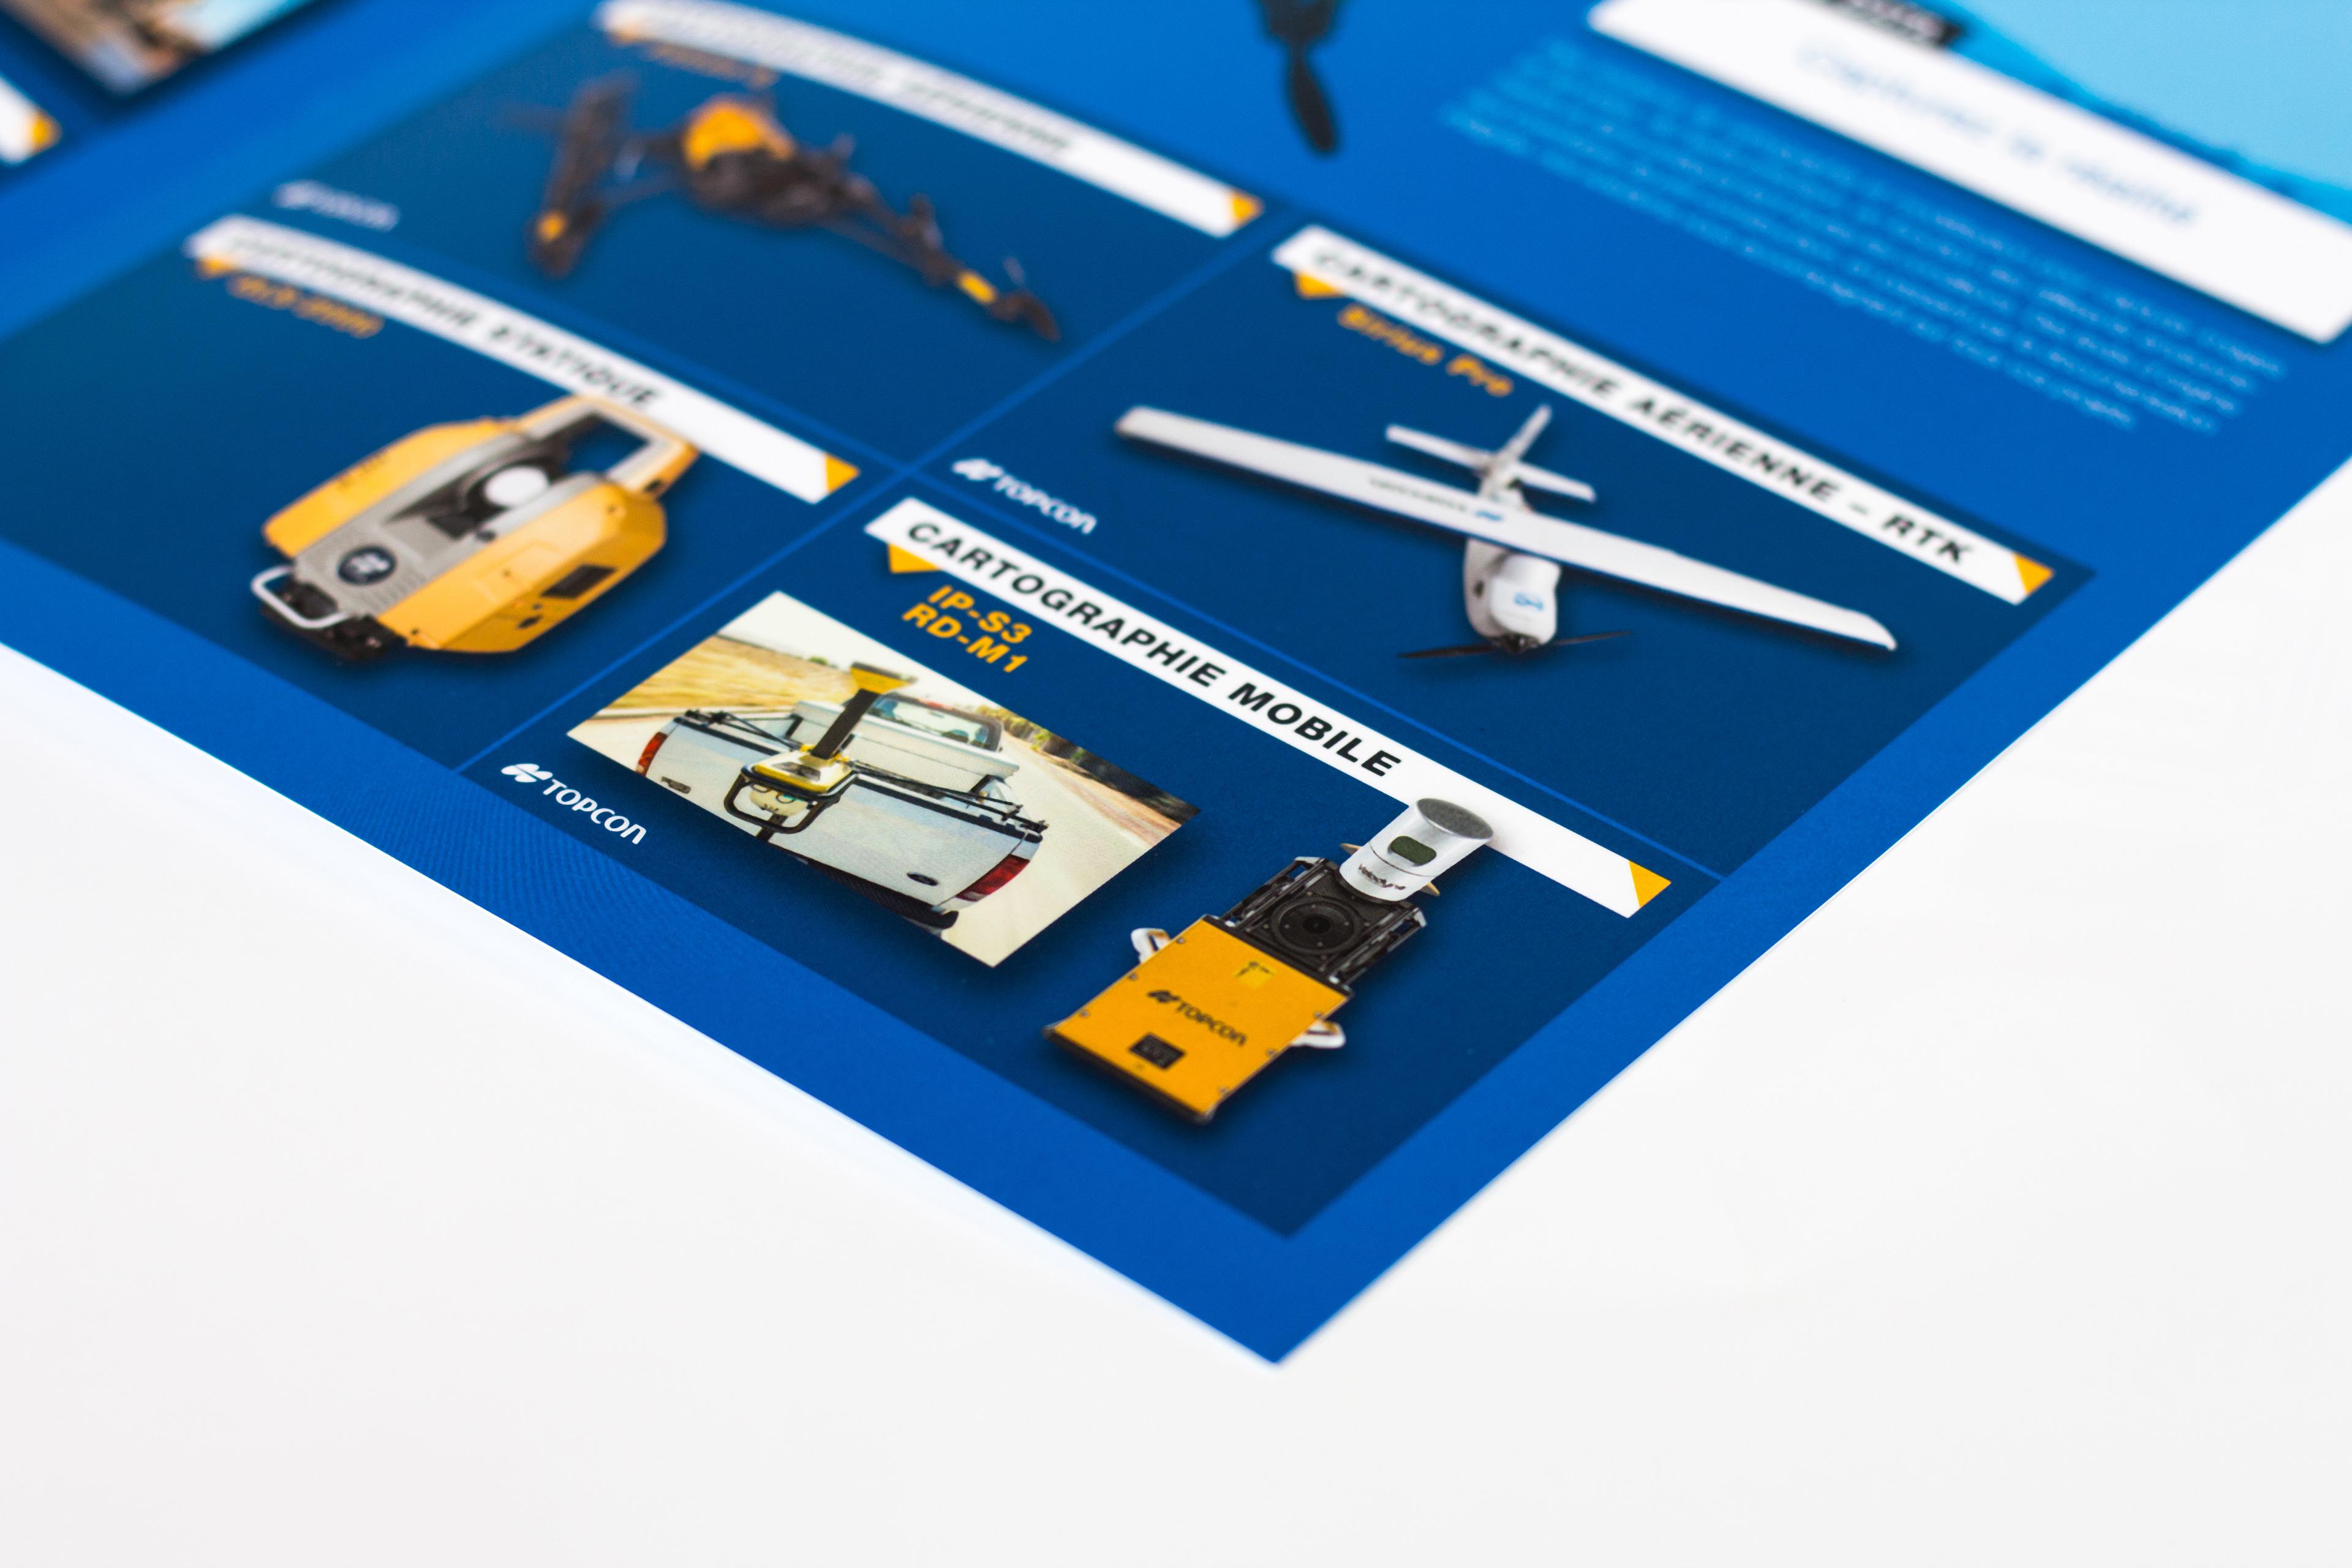 Intérieur de pochette commerciale TOPCON montrant les produits de cartographie mobile